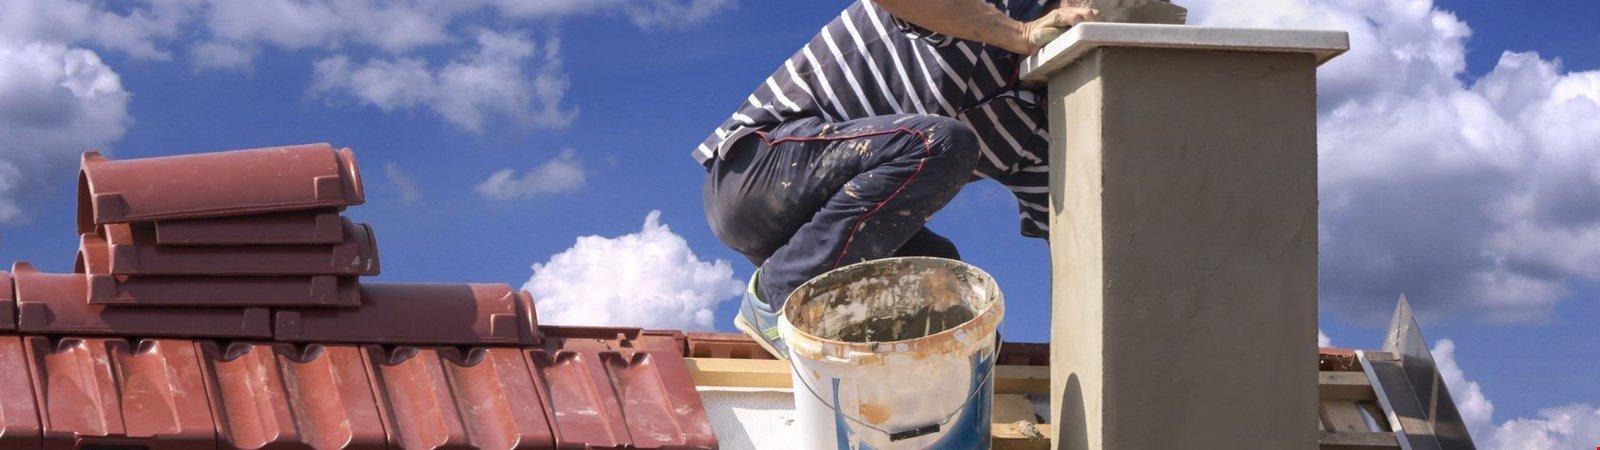 Schornsteinsanierung: Wissen, Tipps und Hinweise für die Kaminsanierung